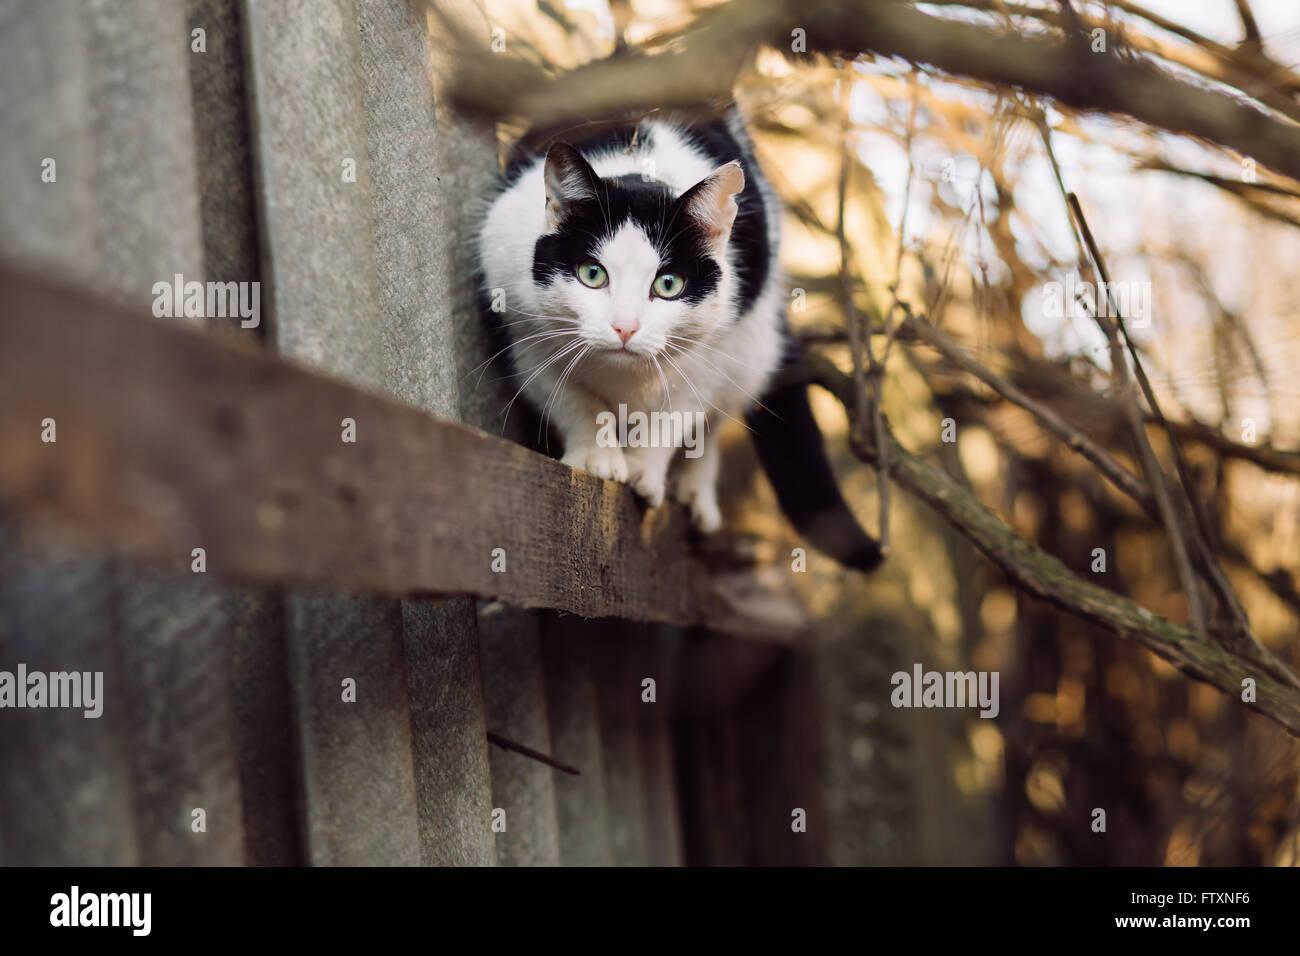 Portrait de curieux méfier cat looking at camera Photo Stock